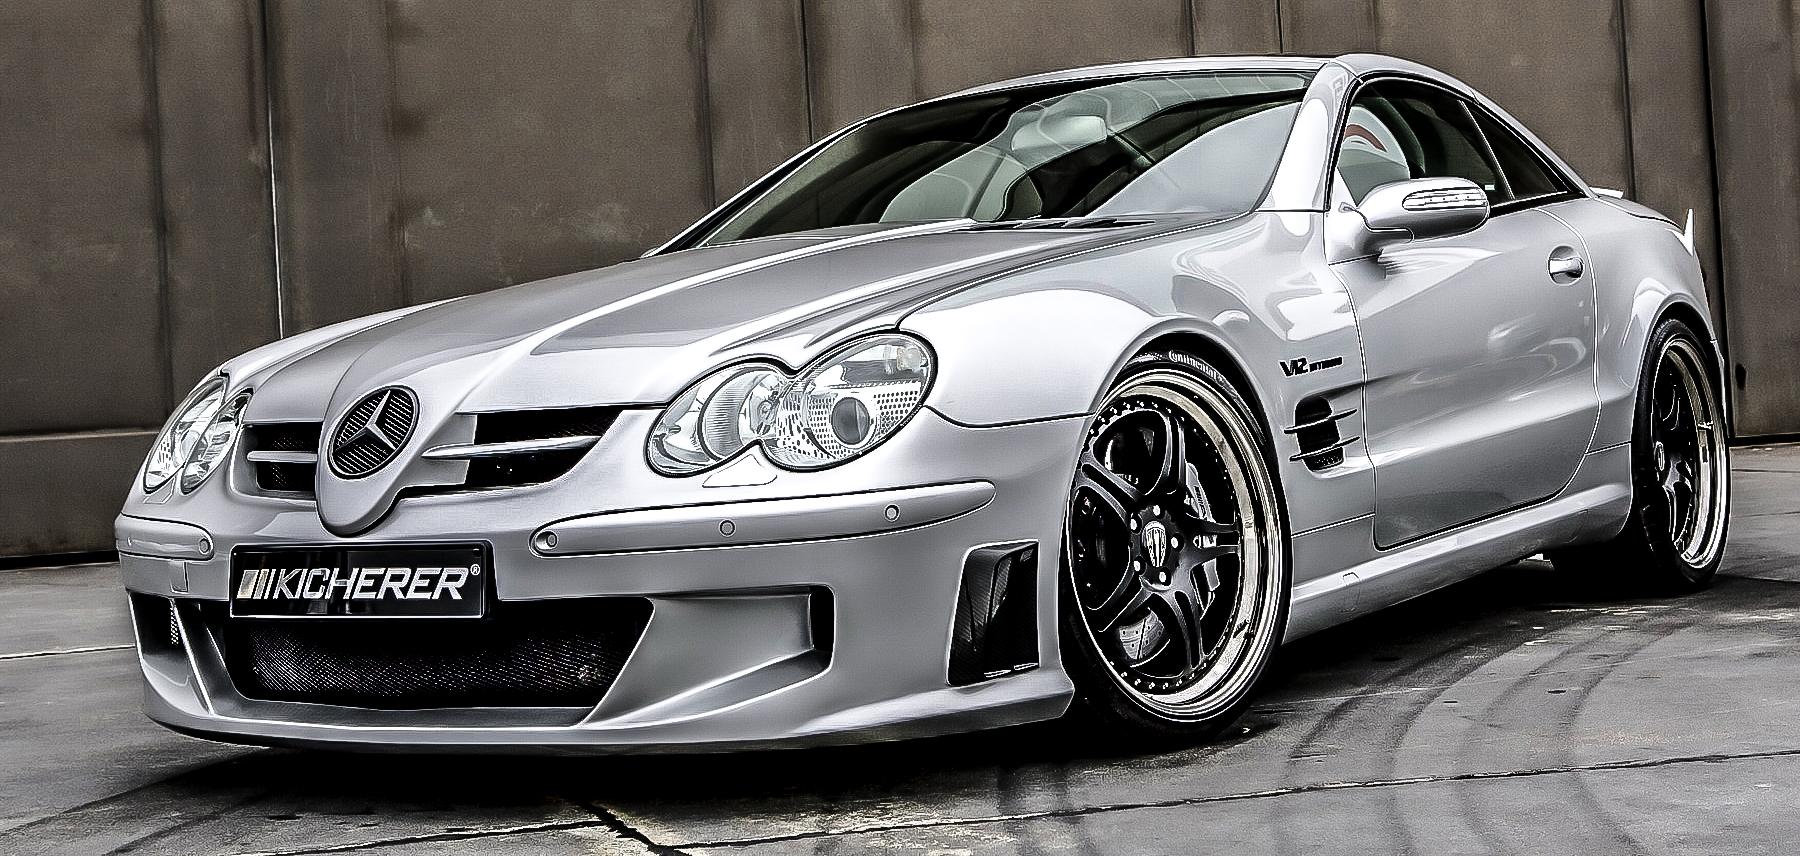 Alu kola Kicherer Mercedes Benz